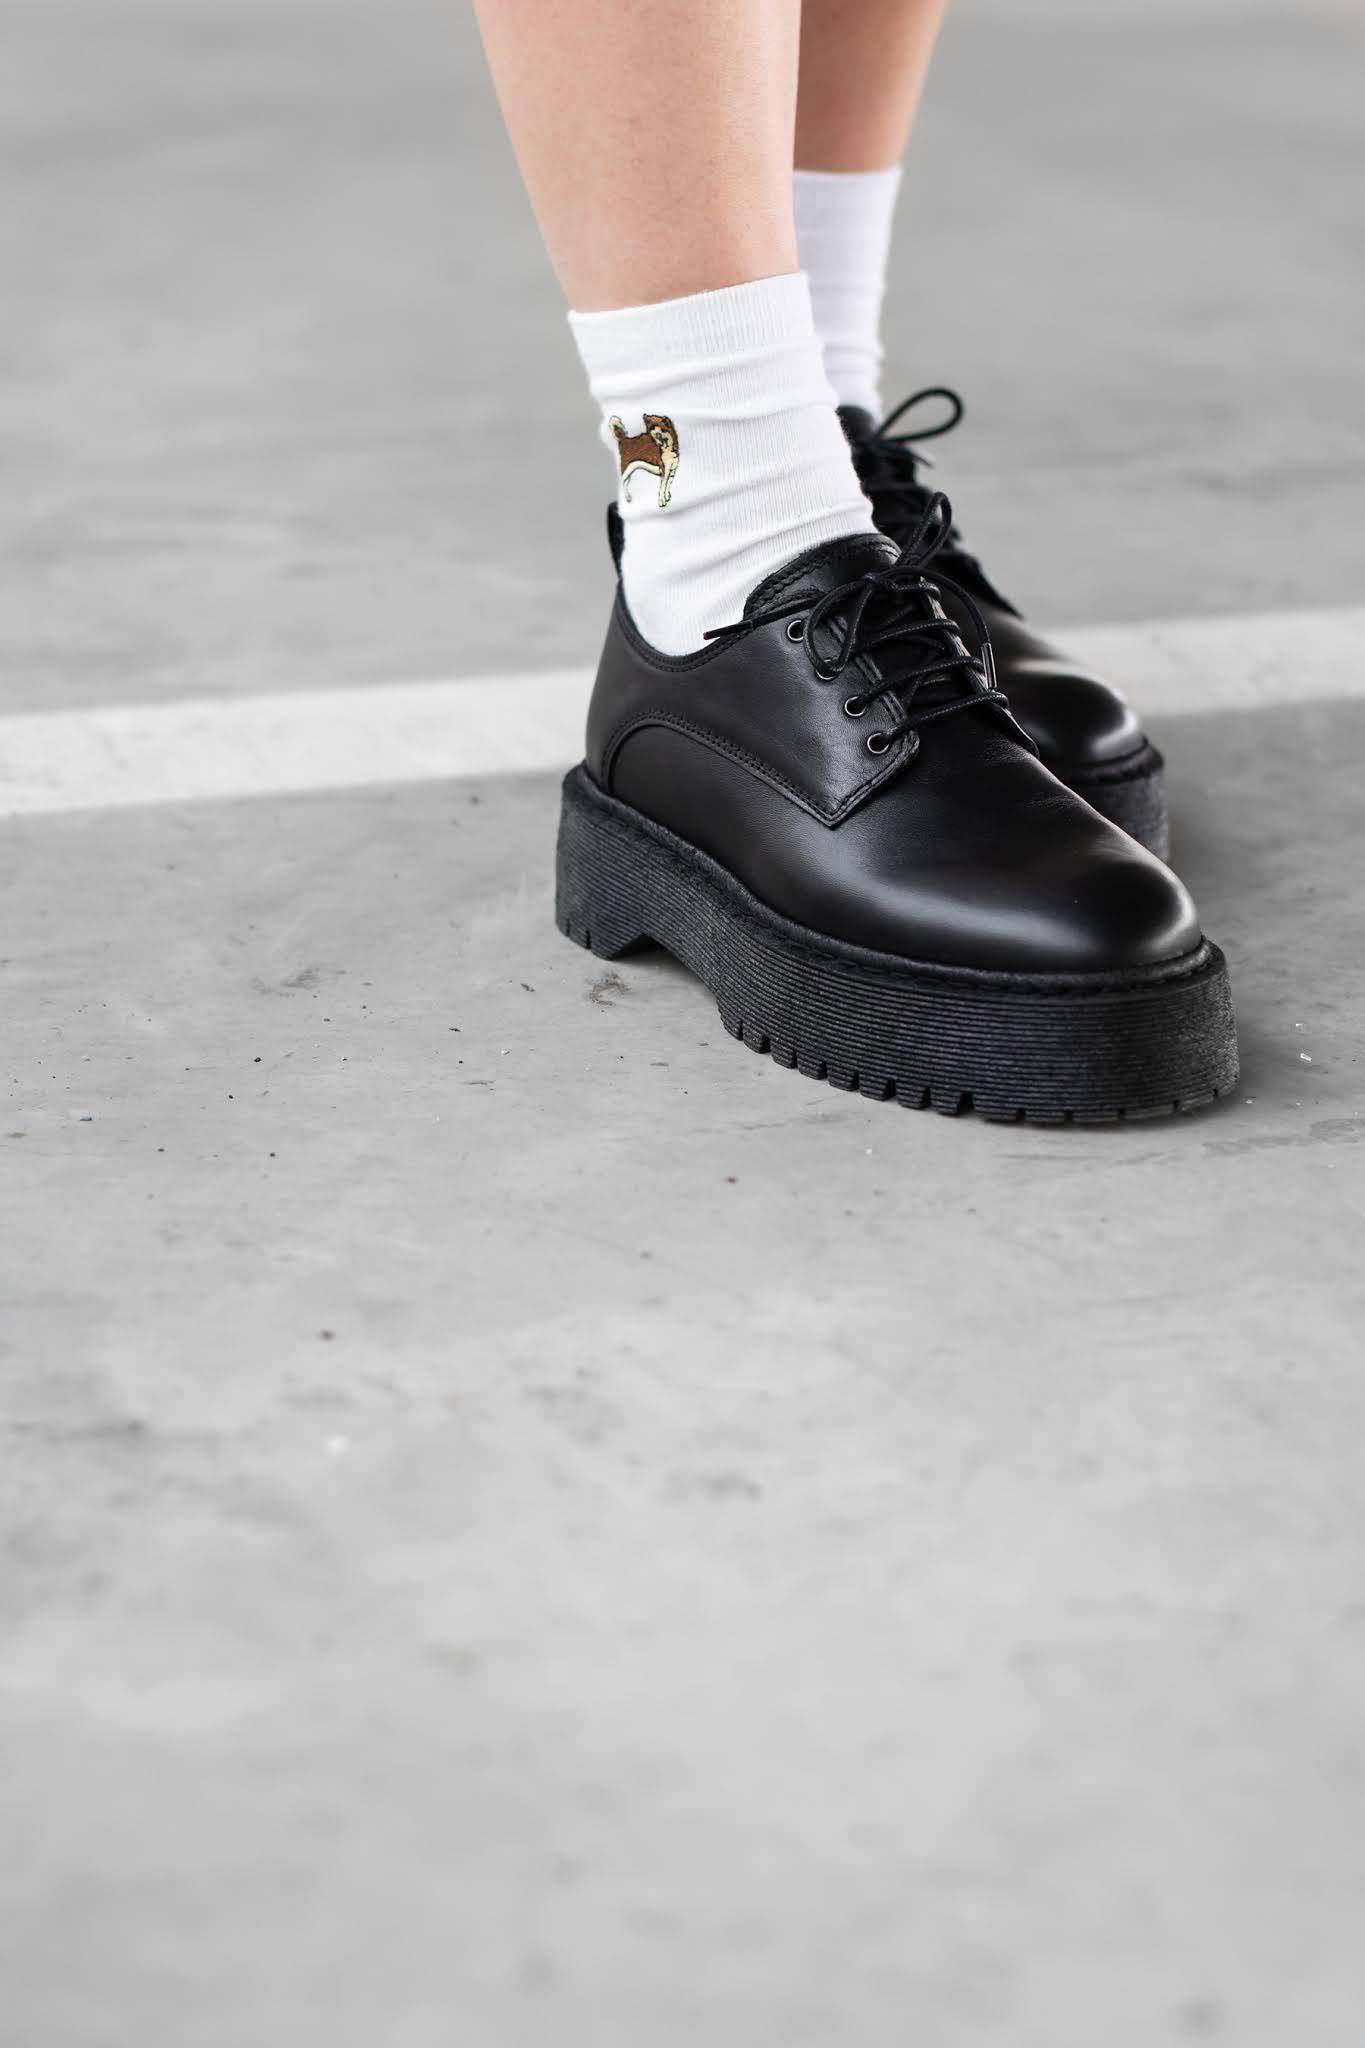 Royal republiq, analyst backpack, command derby shoe, platform schoenen, trends, AW20, kwaliteit, leder, minimalistisch